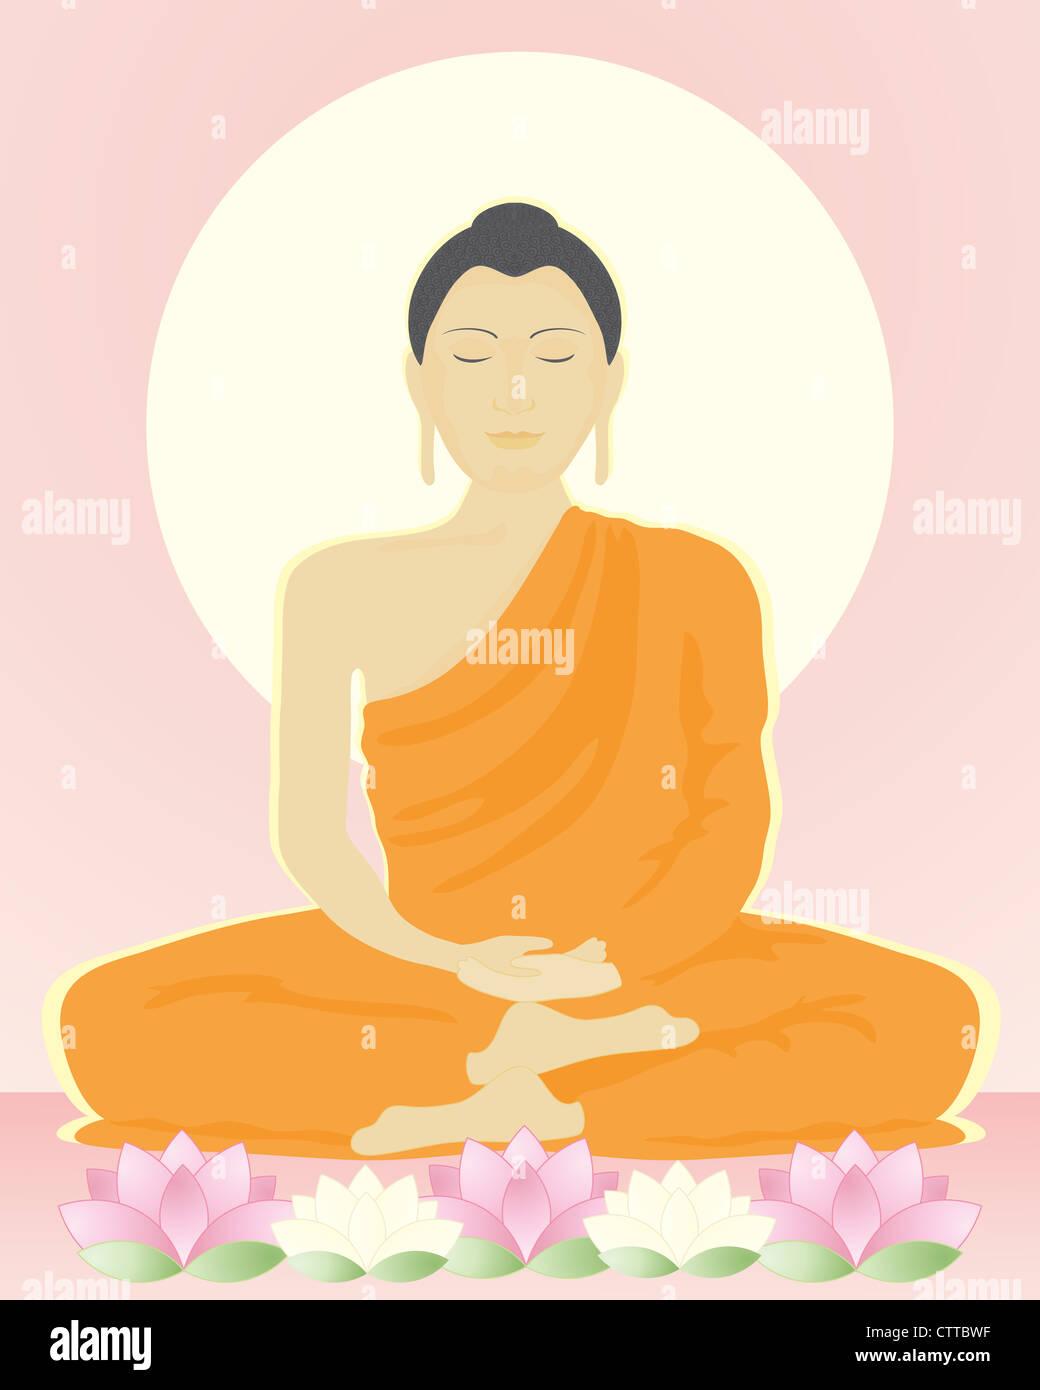 Una illustrazione di un'immagine del Buddha in meditazione seduta con fiori di loto in un giallo brillante sole Immagini Stock